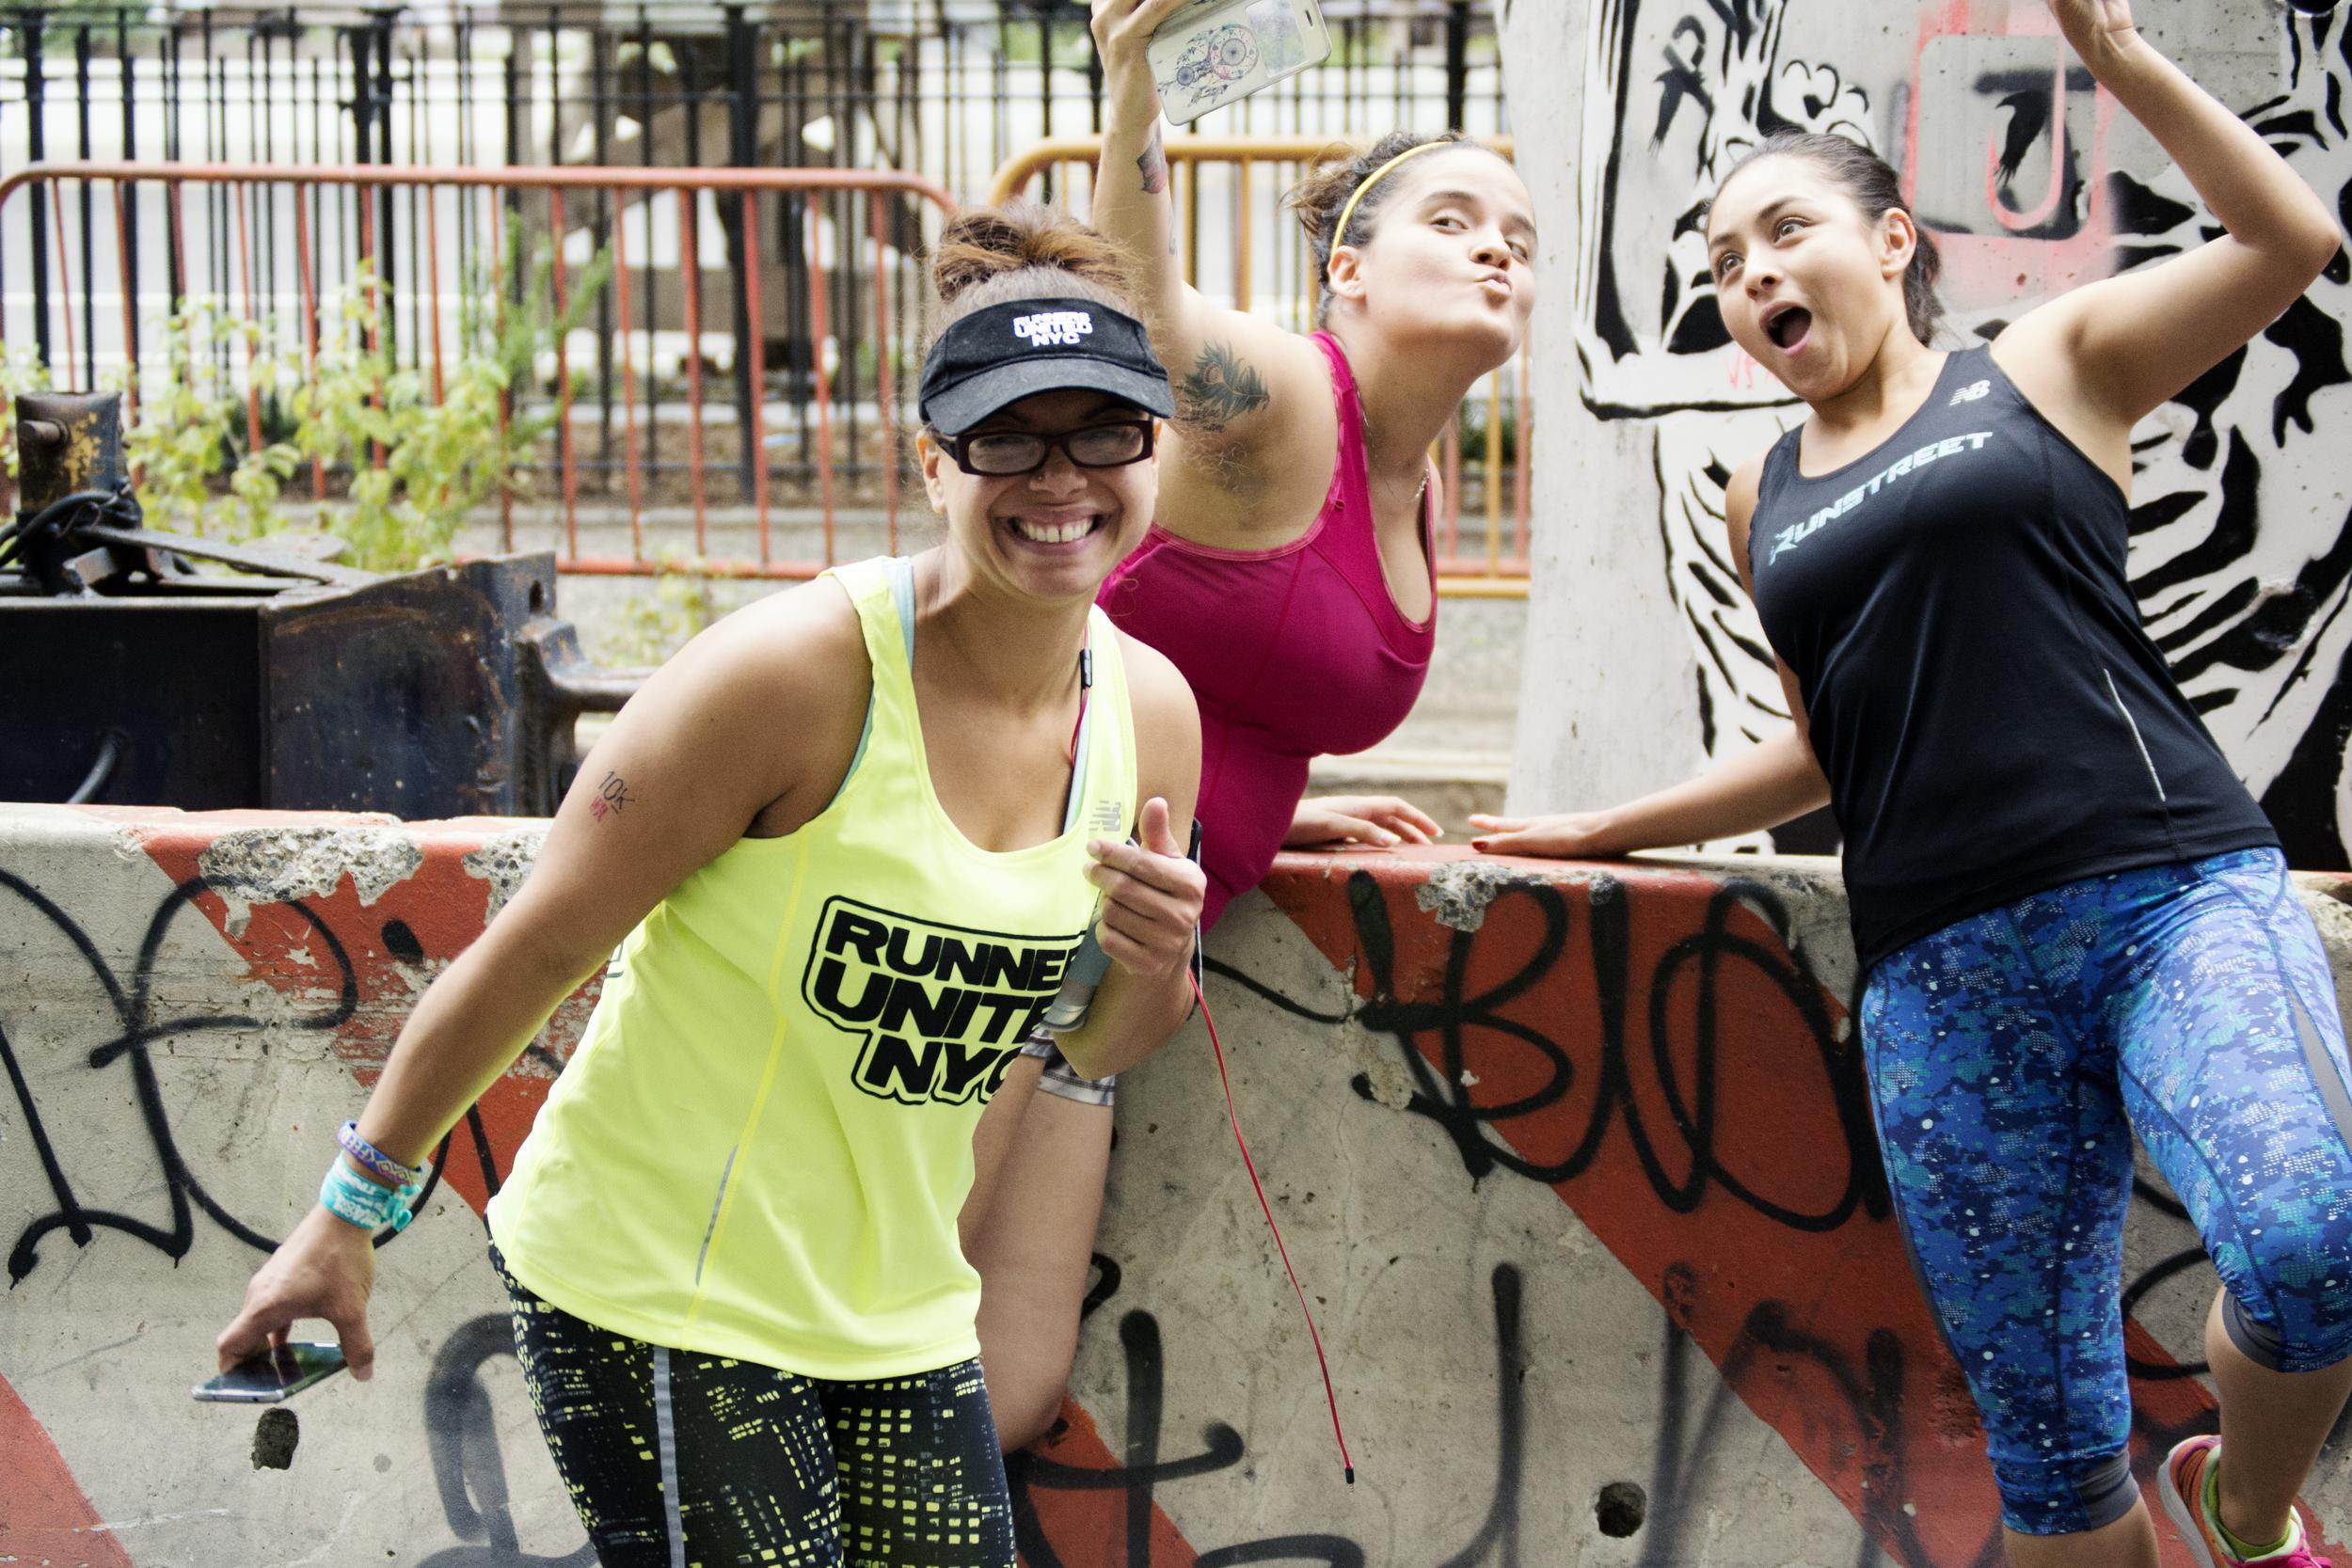 Runstreet-nyc-runners-graffiti